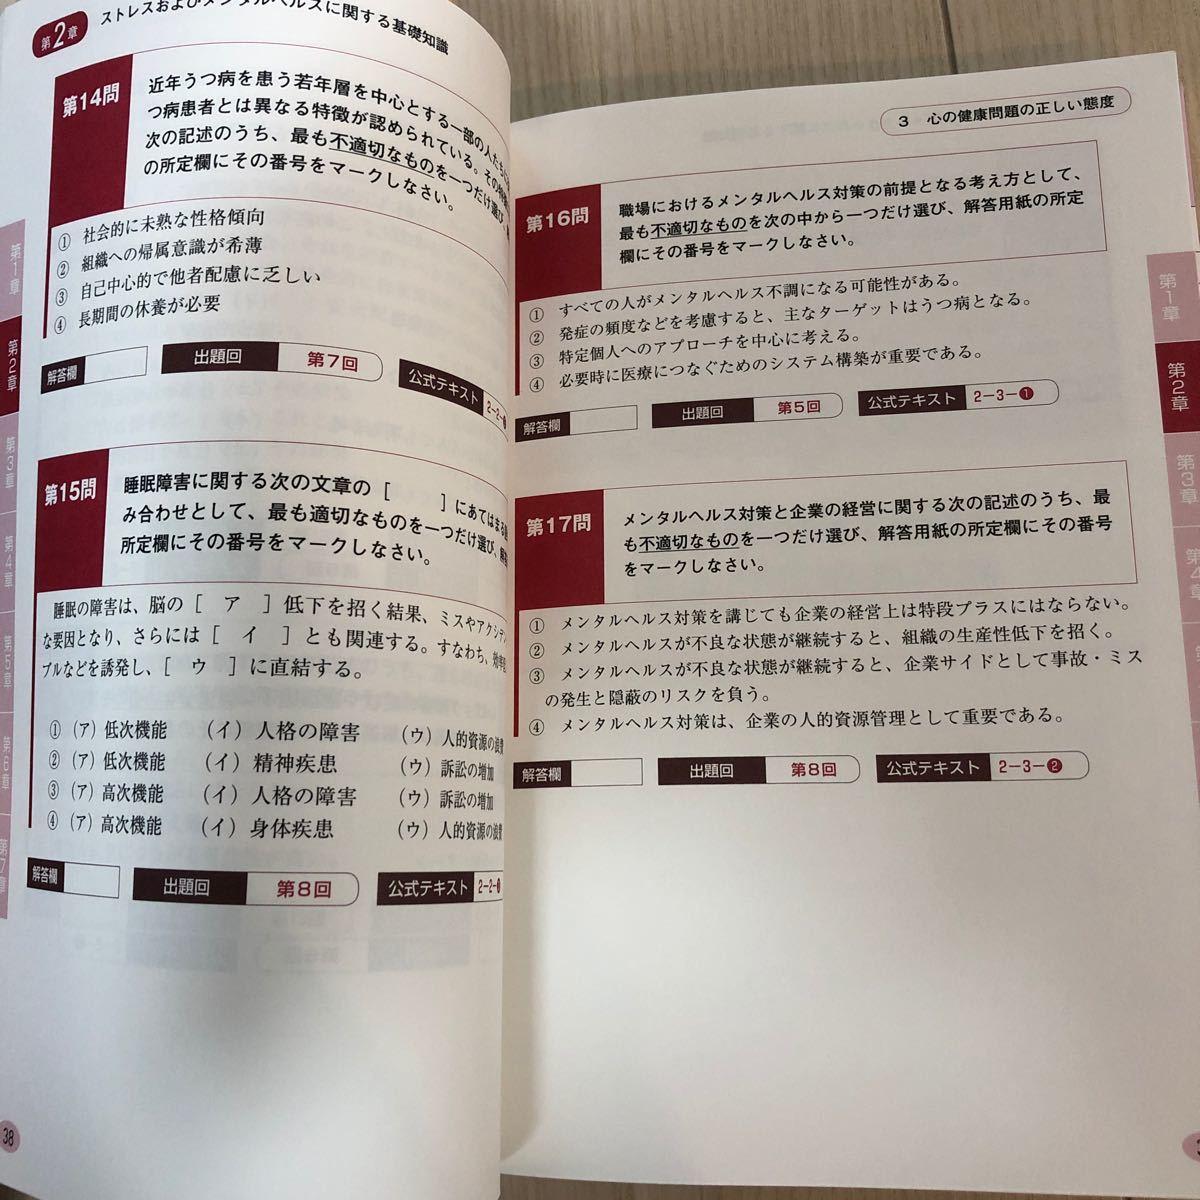 メンタルヘルスマネジメント検定試験2種ラインケアコース過去問題集 2013年度版